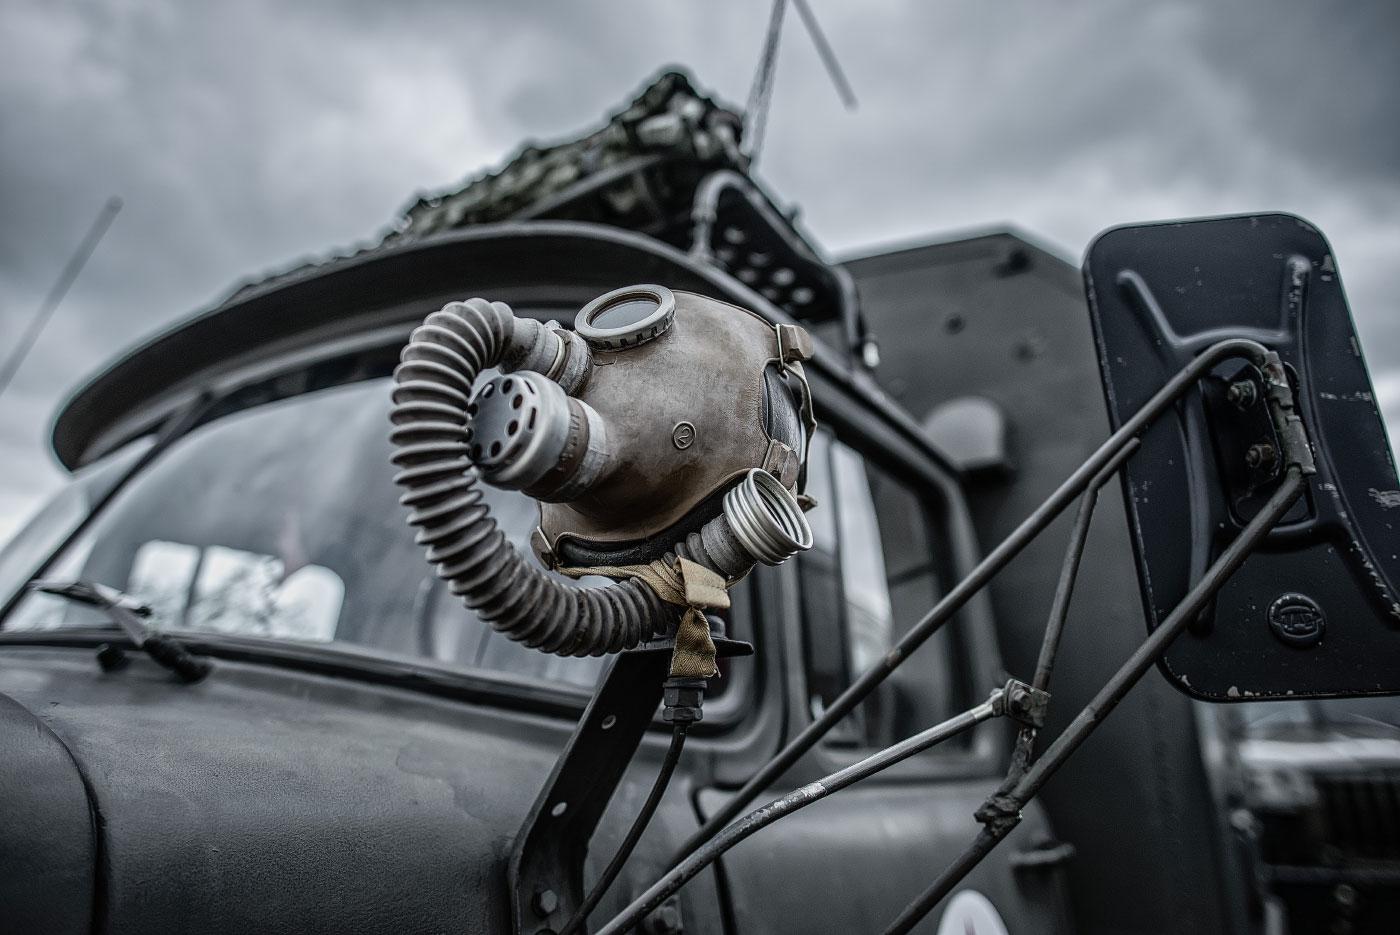 Panzertreffen, Ural LKW mit Gasmaske